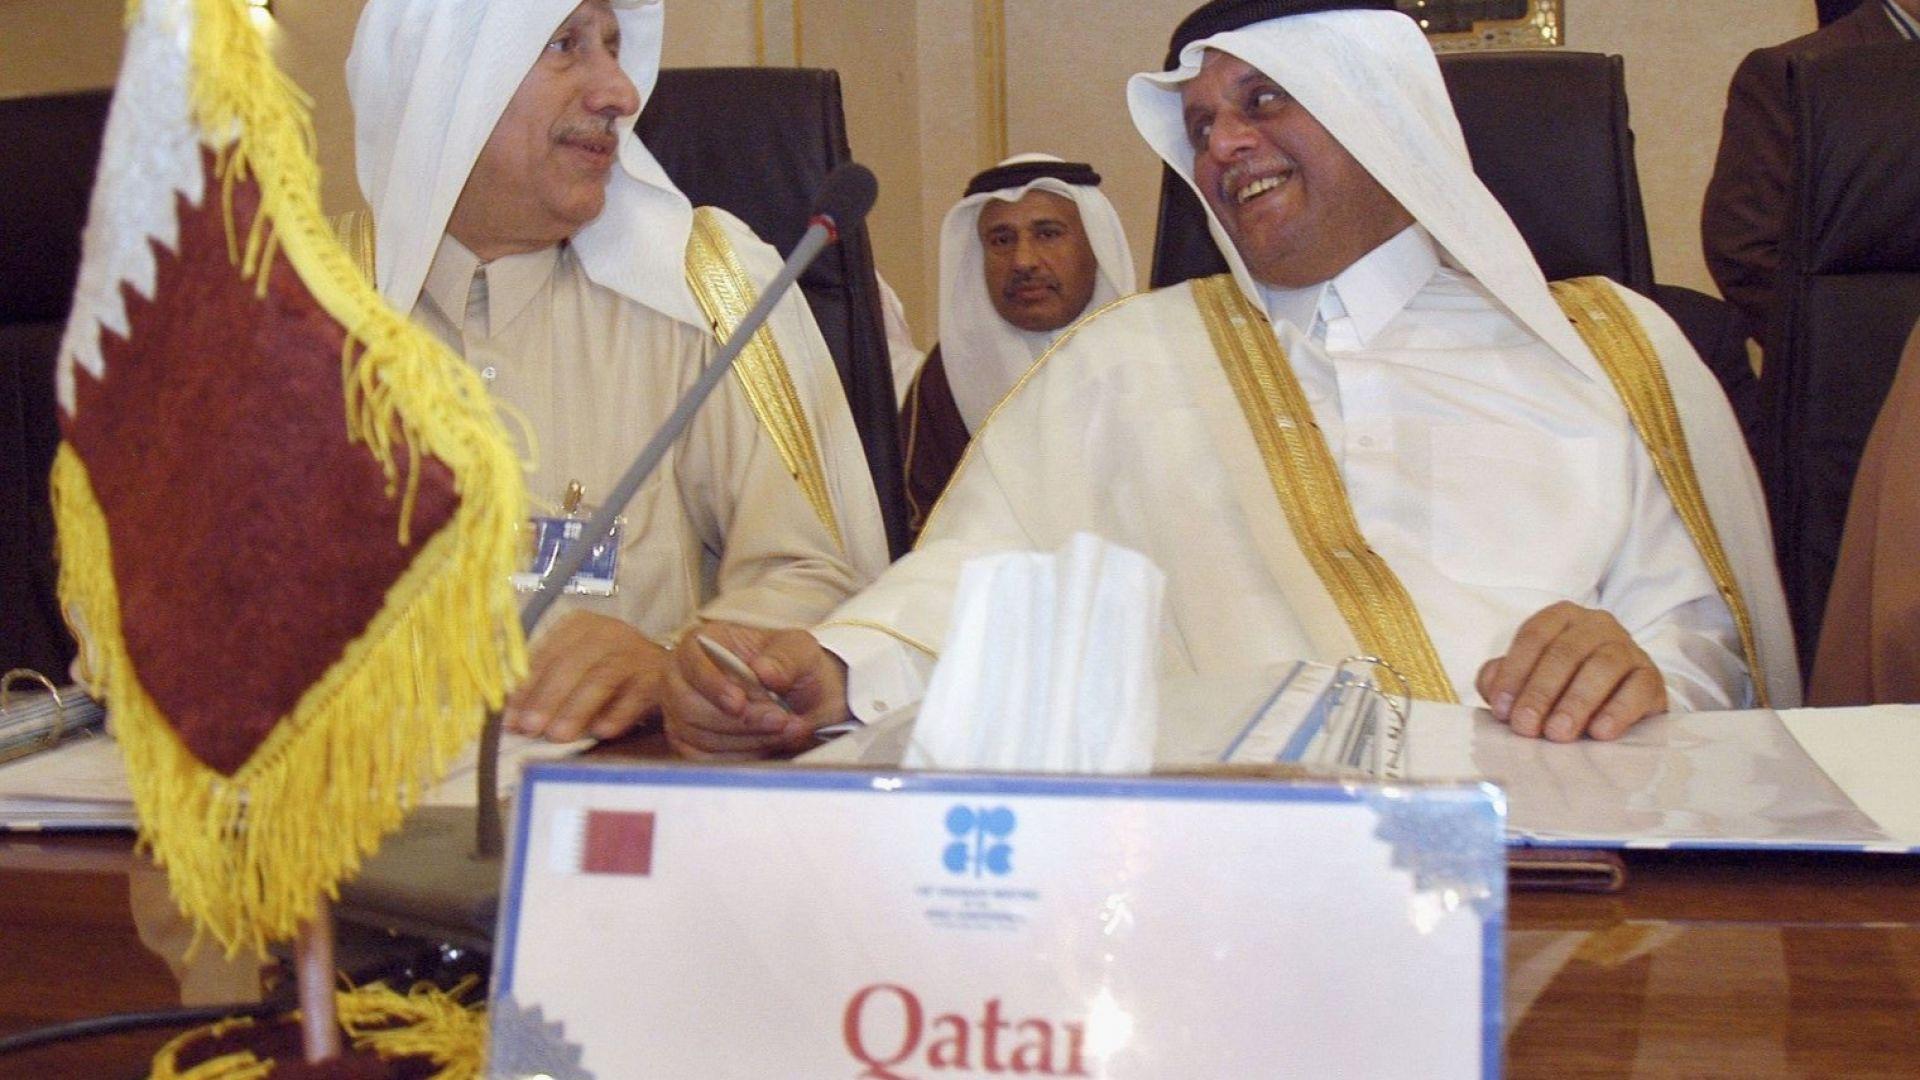 Катар напуска ОПЕК от януари 2019 година, обяви министърът на енергетиката на страната Саада бен Шарида ал-Кааби (вдясно)